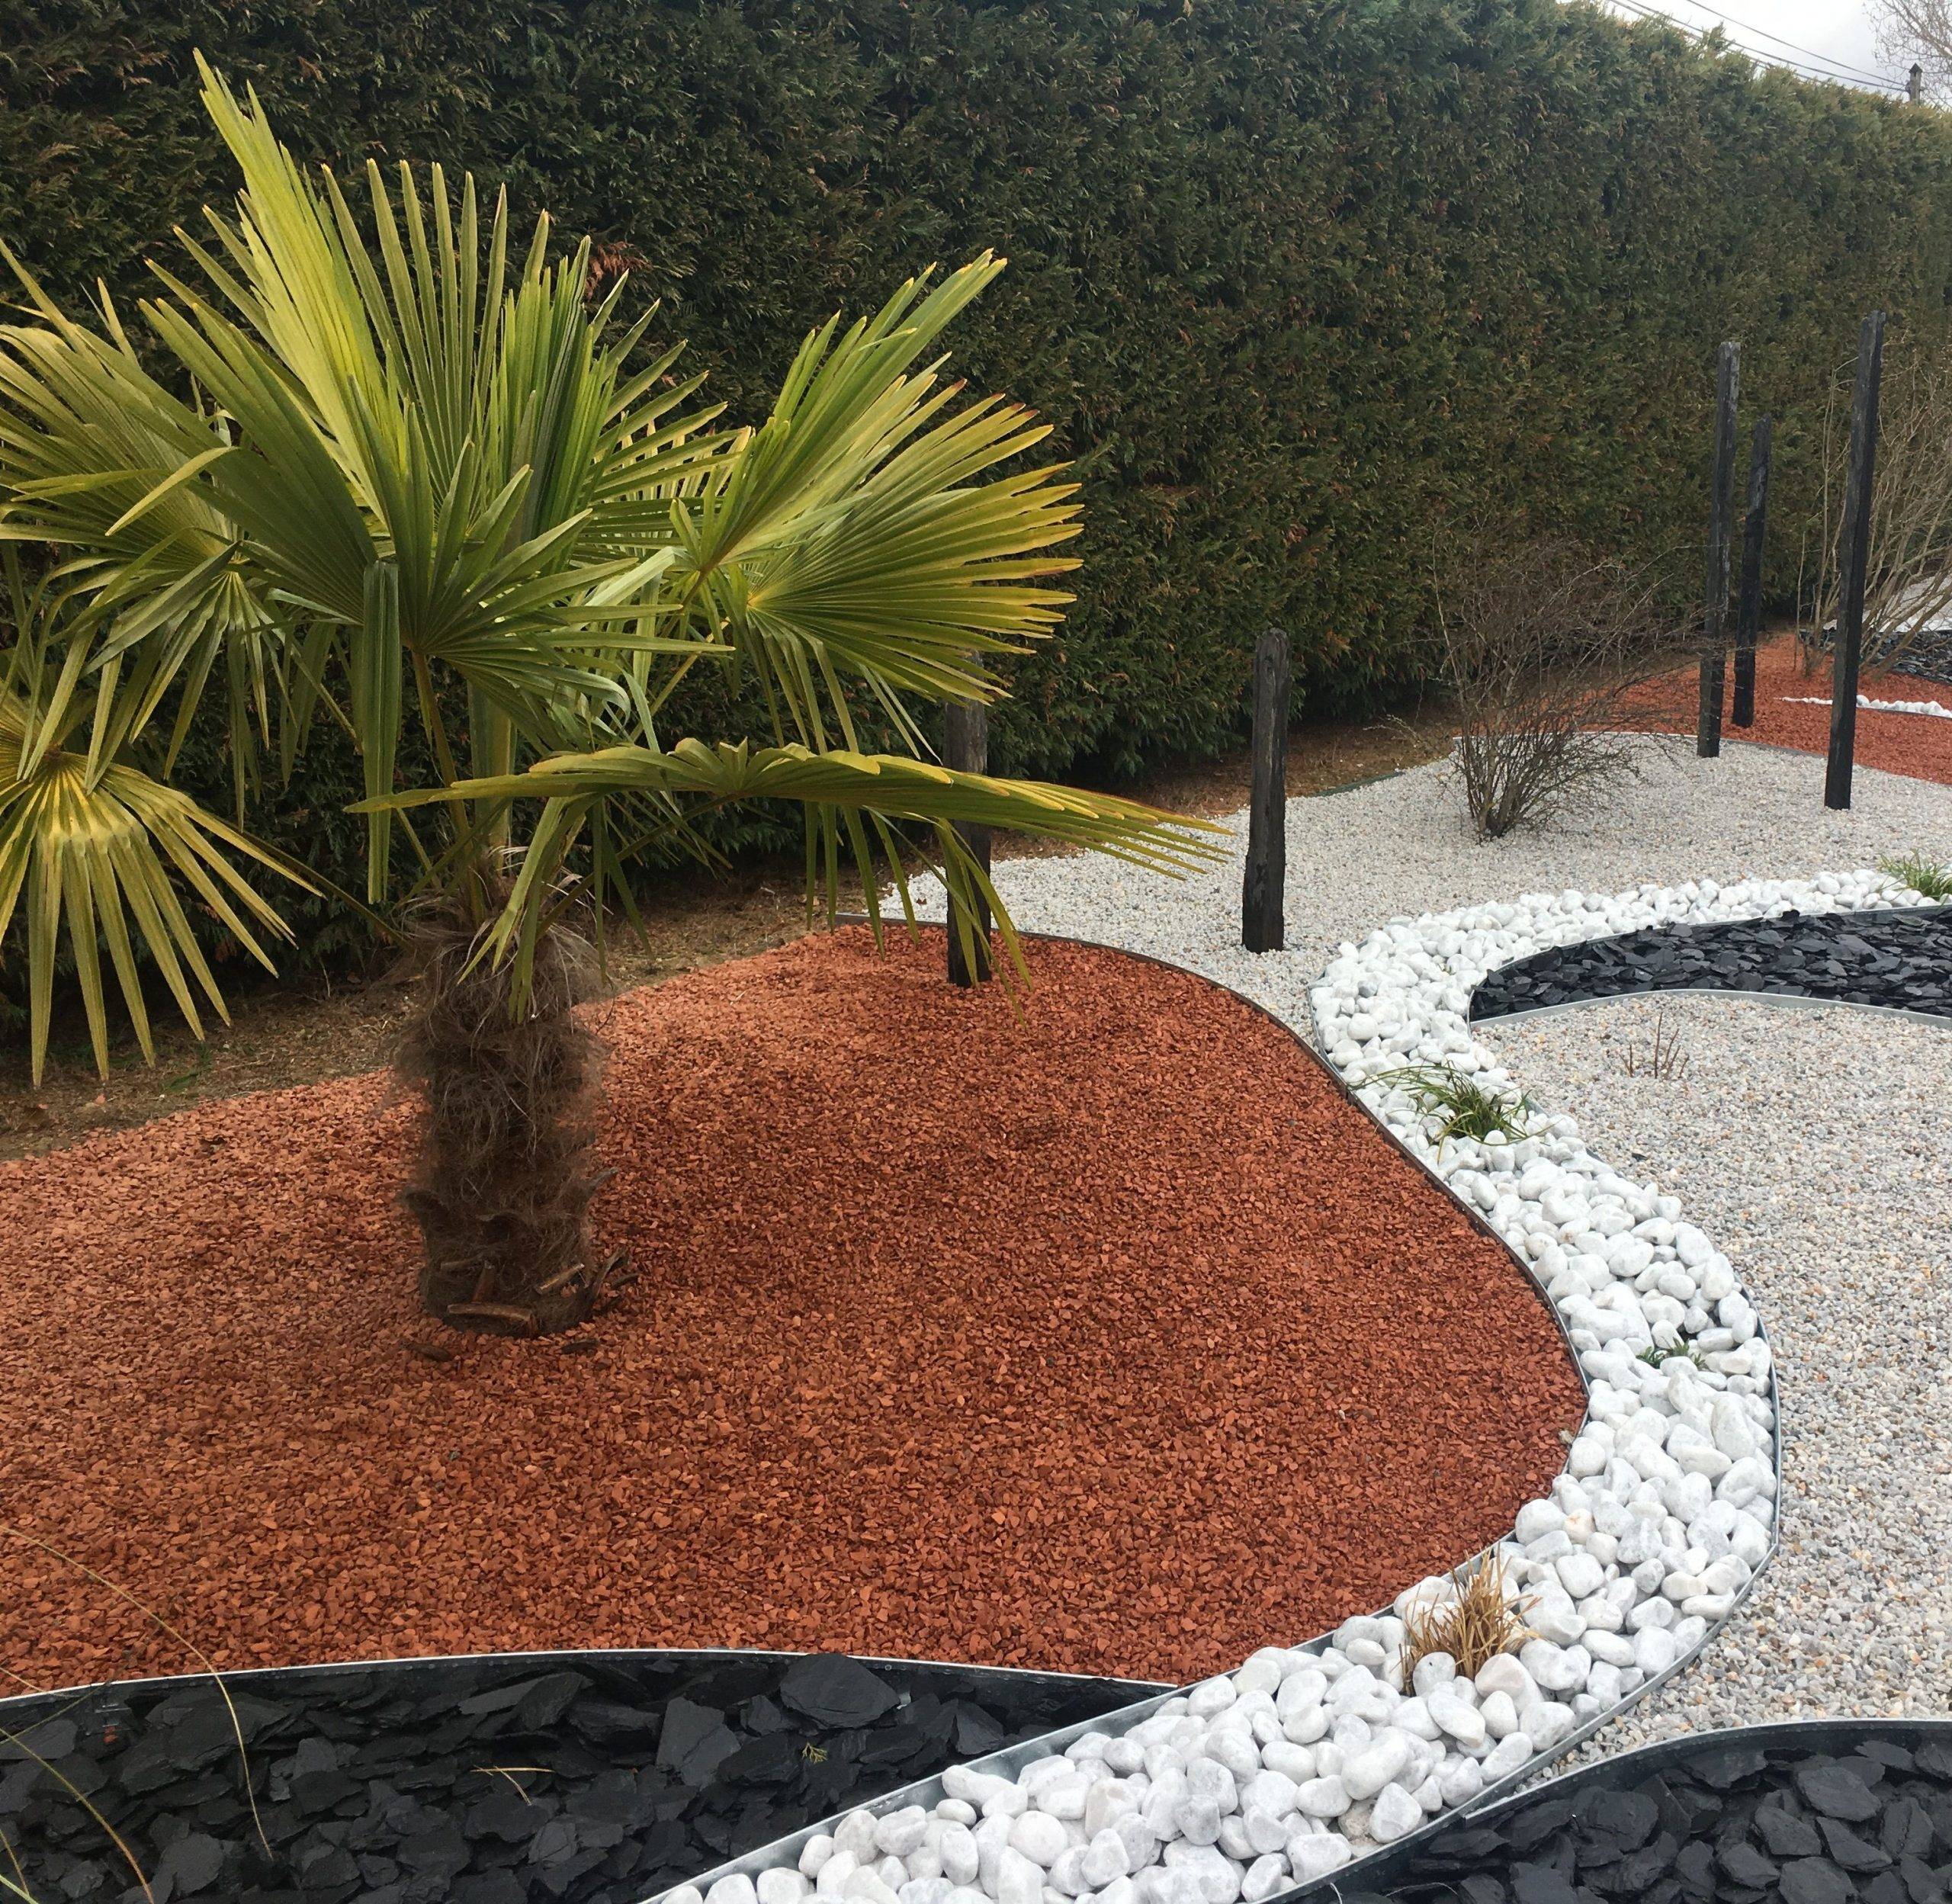 Aménagement Minéral: Schiste / Paillettes Ardoise / Galets ... intérieur Copeaux De Bois Pour Jardin